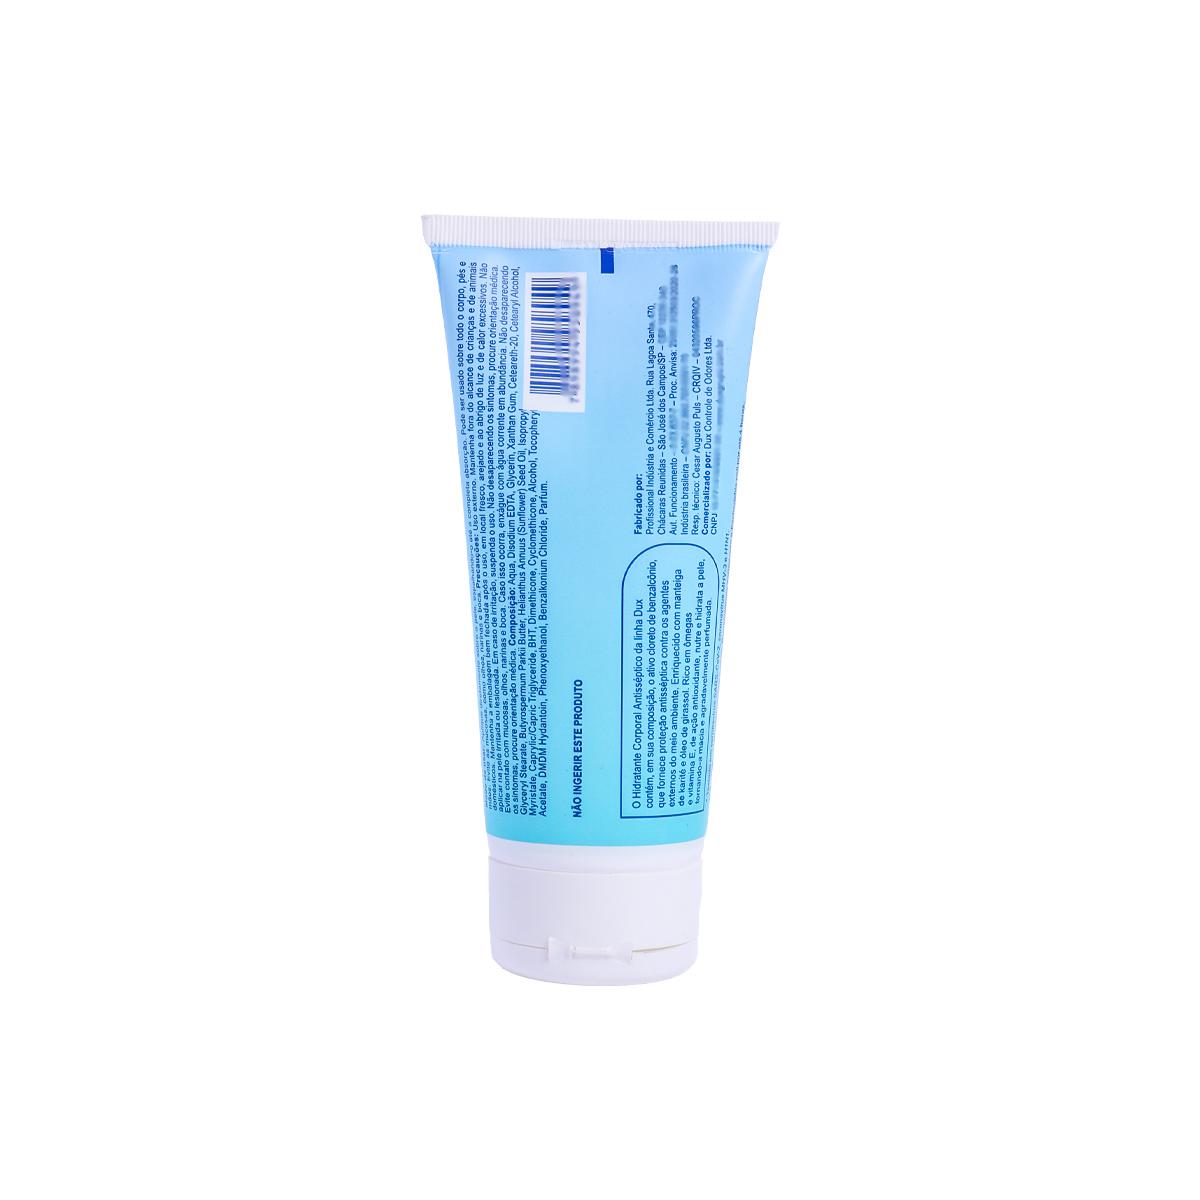 Kit Dux Defender Spray 500ml + Dux Defender Hidratante Antisseptico 200g + Dux Defender Hidratante Antisseptico 60g